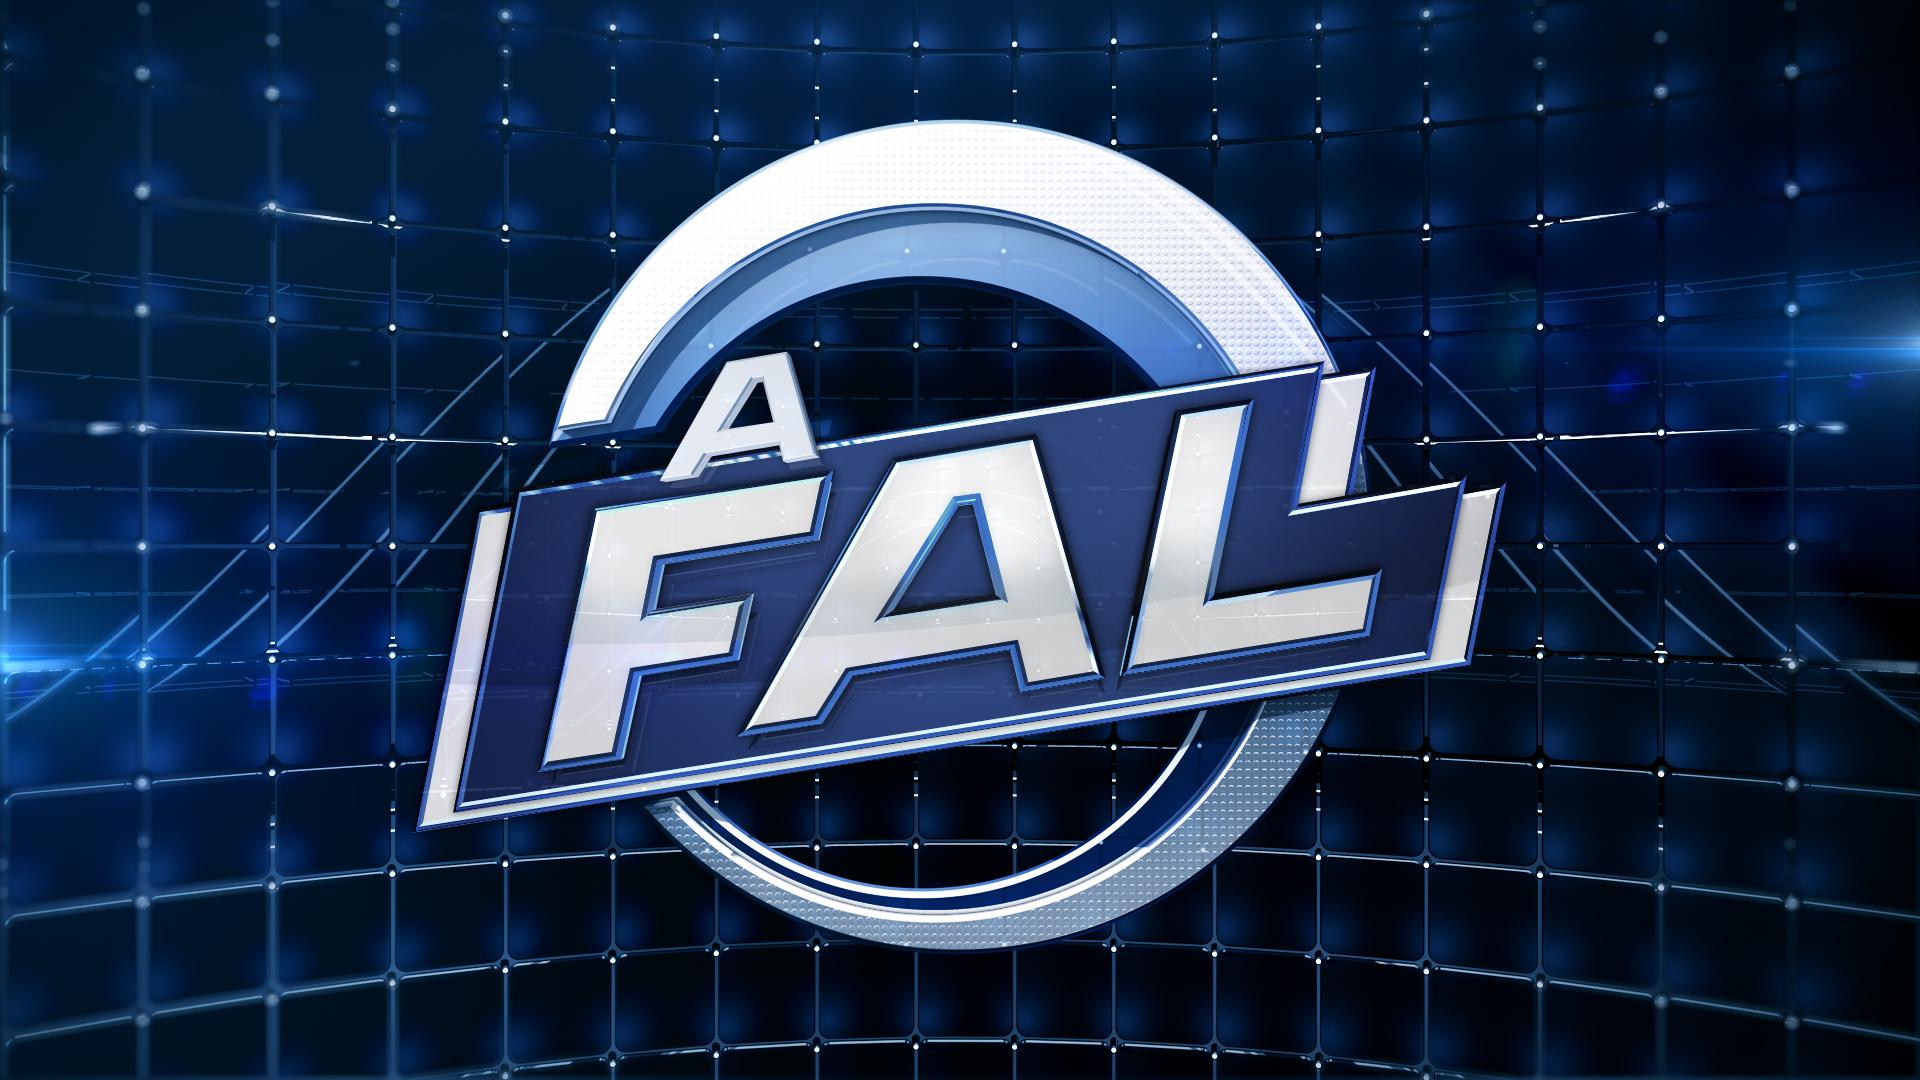 afal_logo_full.jpg